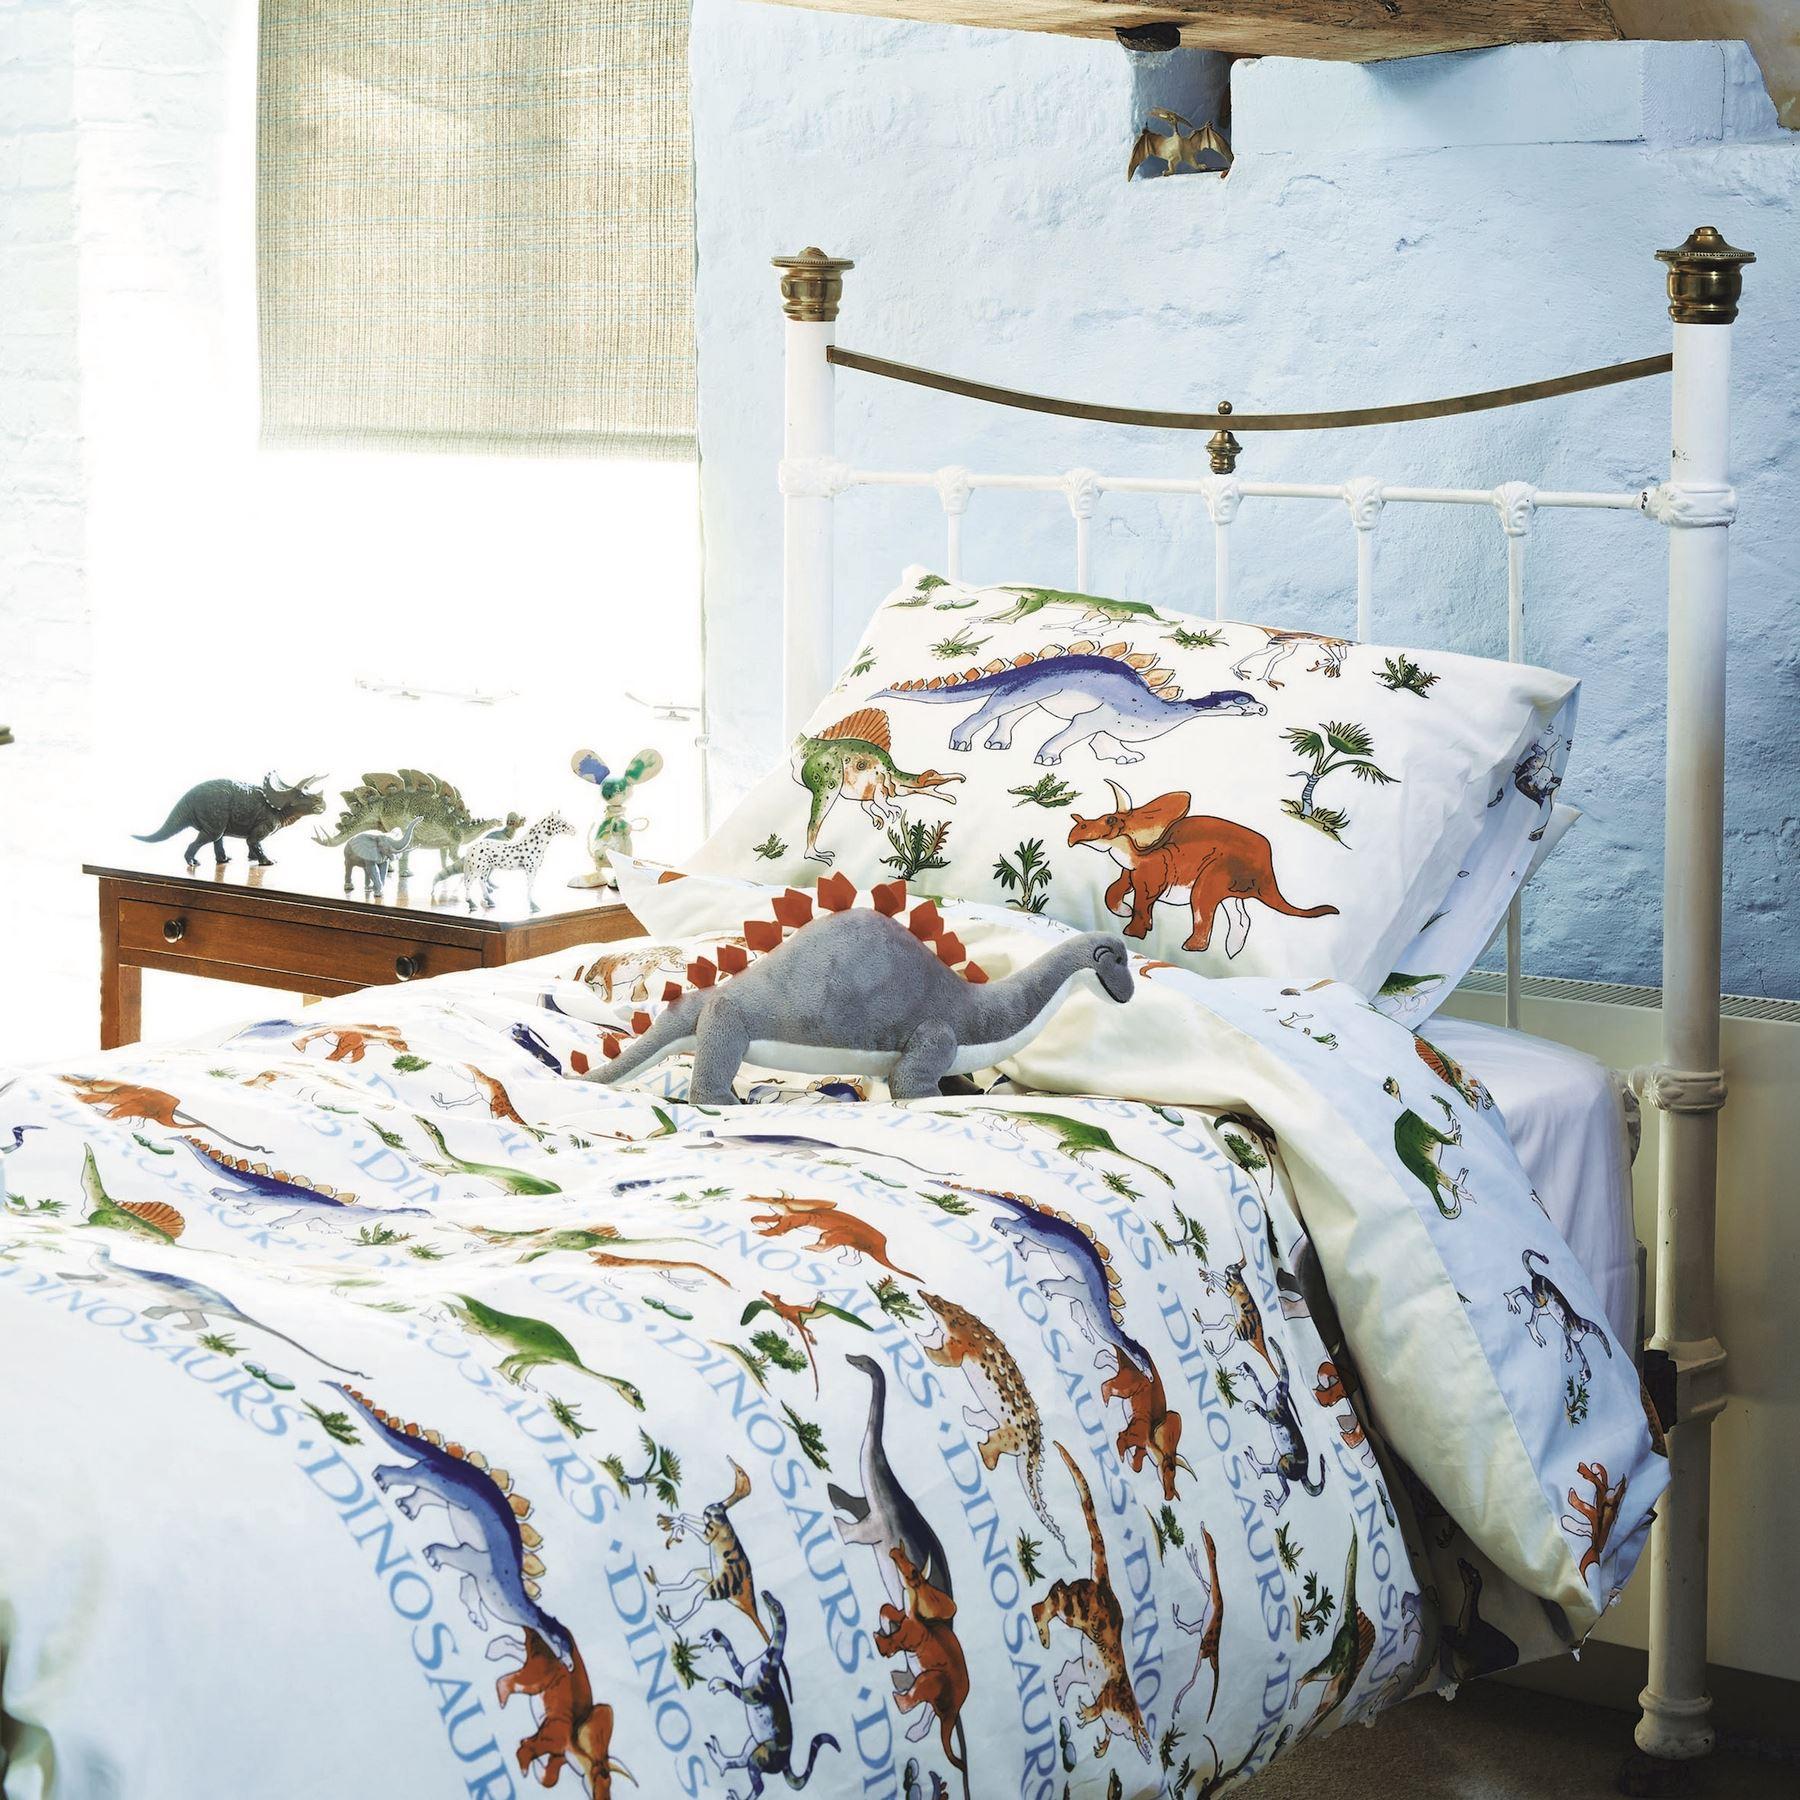 dinosaurs bedding duvet cover set 100 cotton by emma. Black Bedroom Furniture Sets. Home Design Ideas